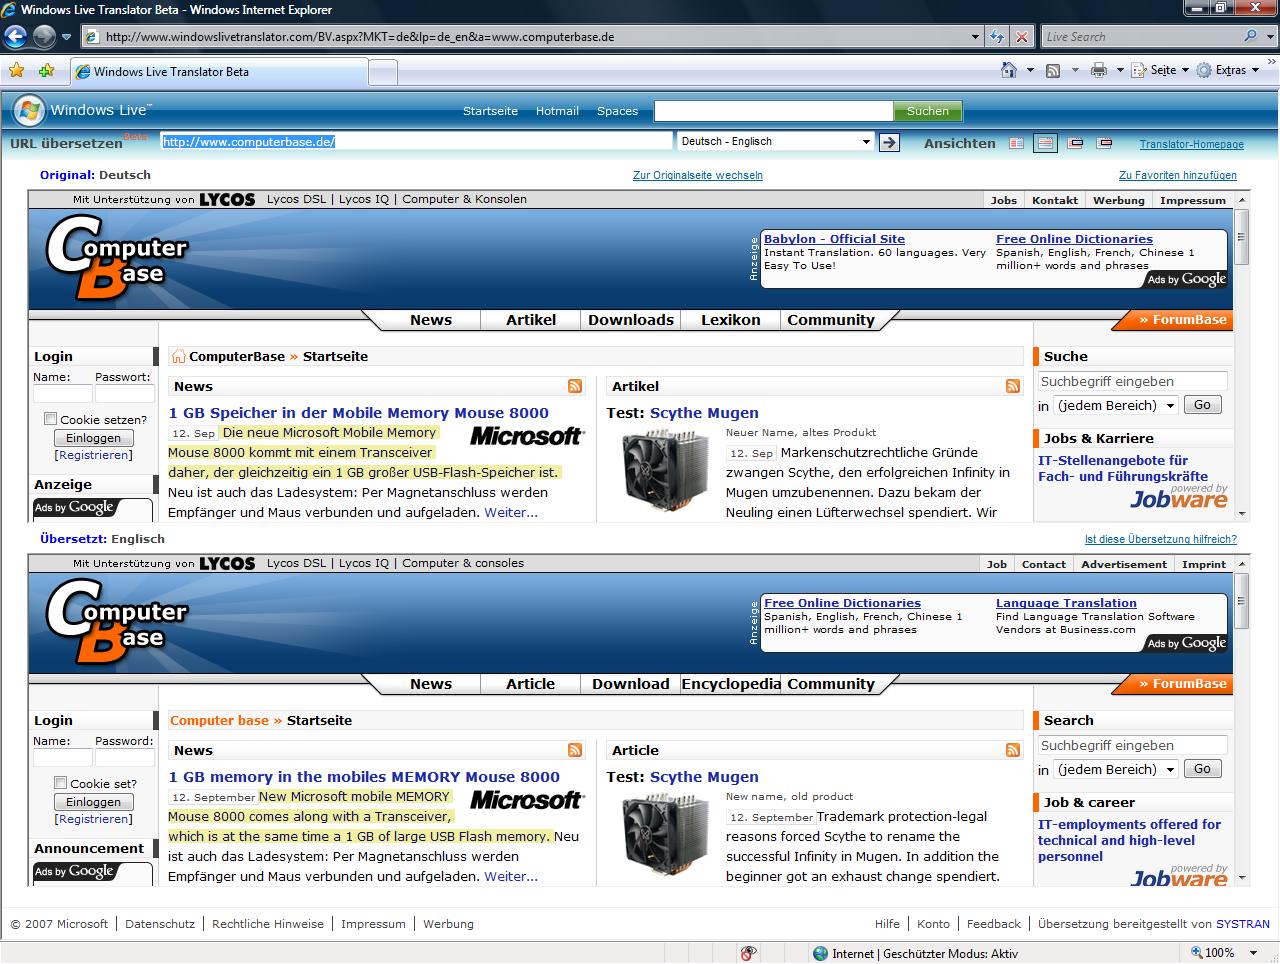 Windows Live Translator mit Darstellung übereinander